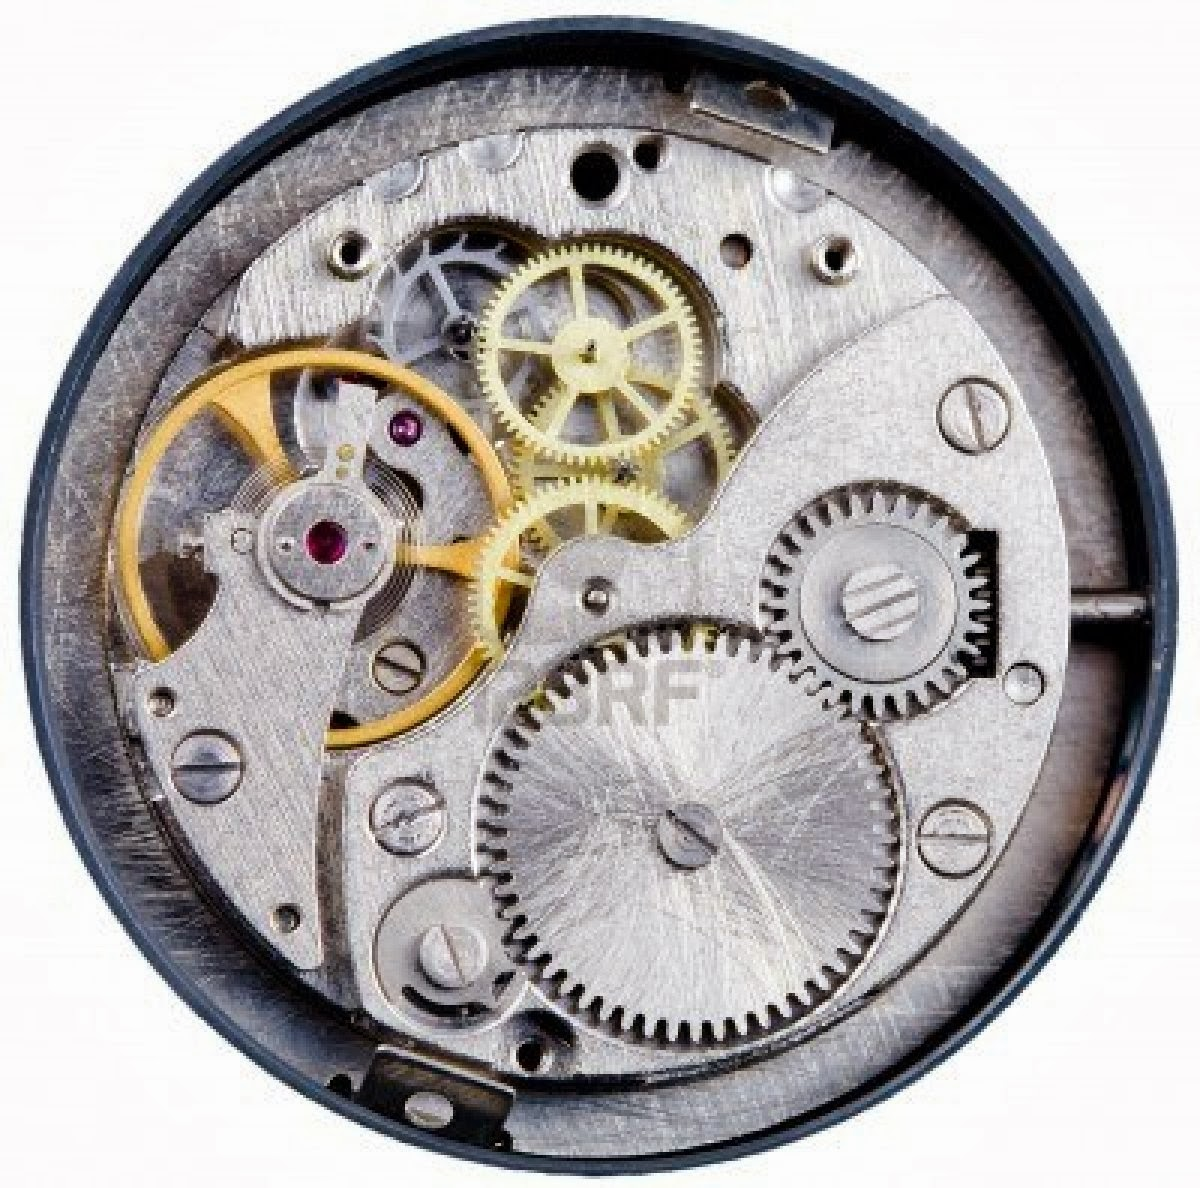 Reloj linterna - Mecanismos de reloj de pared ...